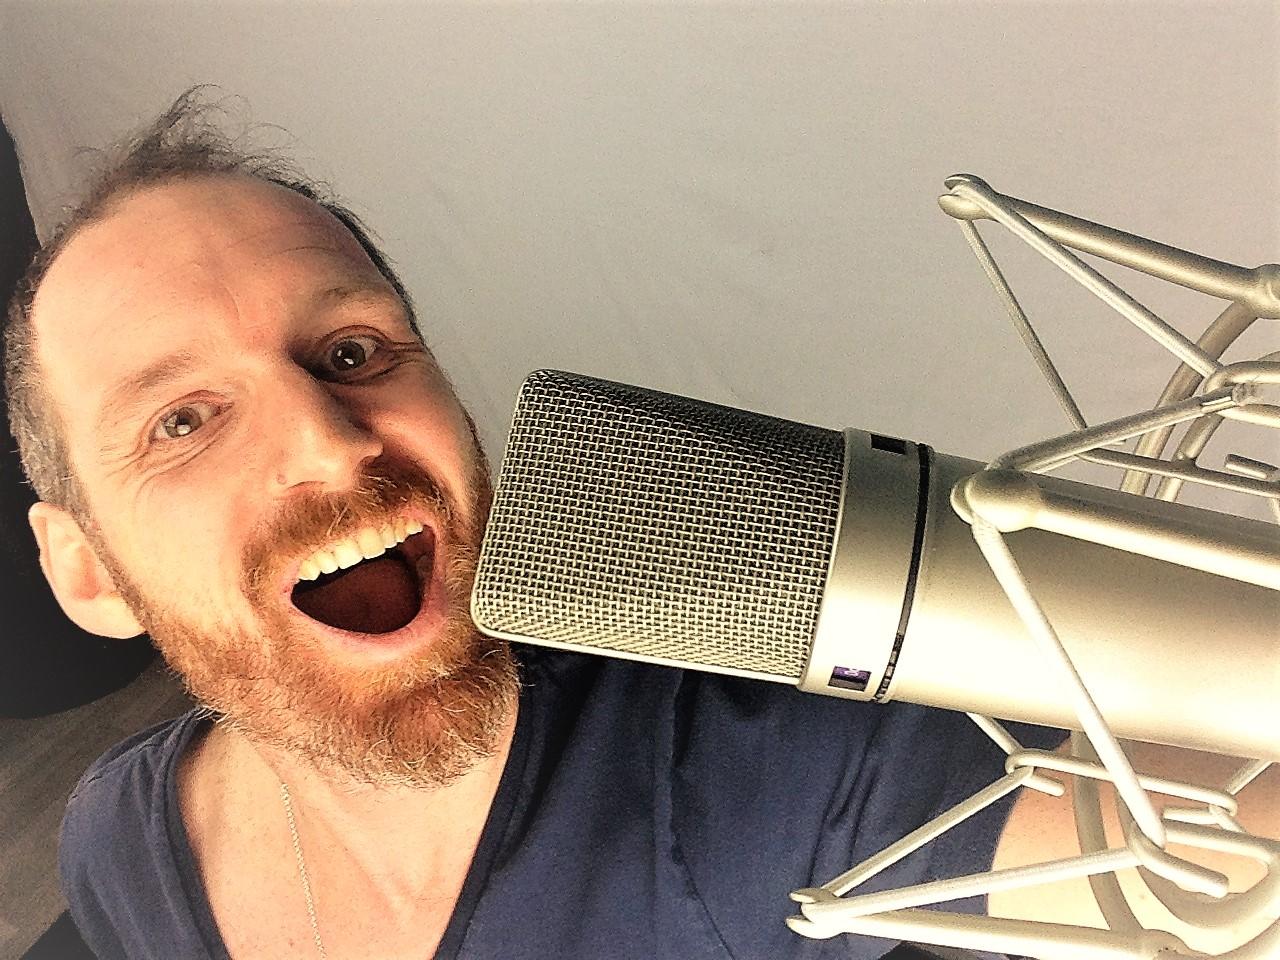 comment enregistrer sa voix en studio - des astuces pour enregistrer sa voix en studio